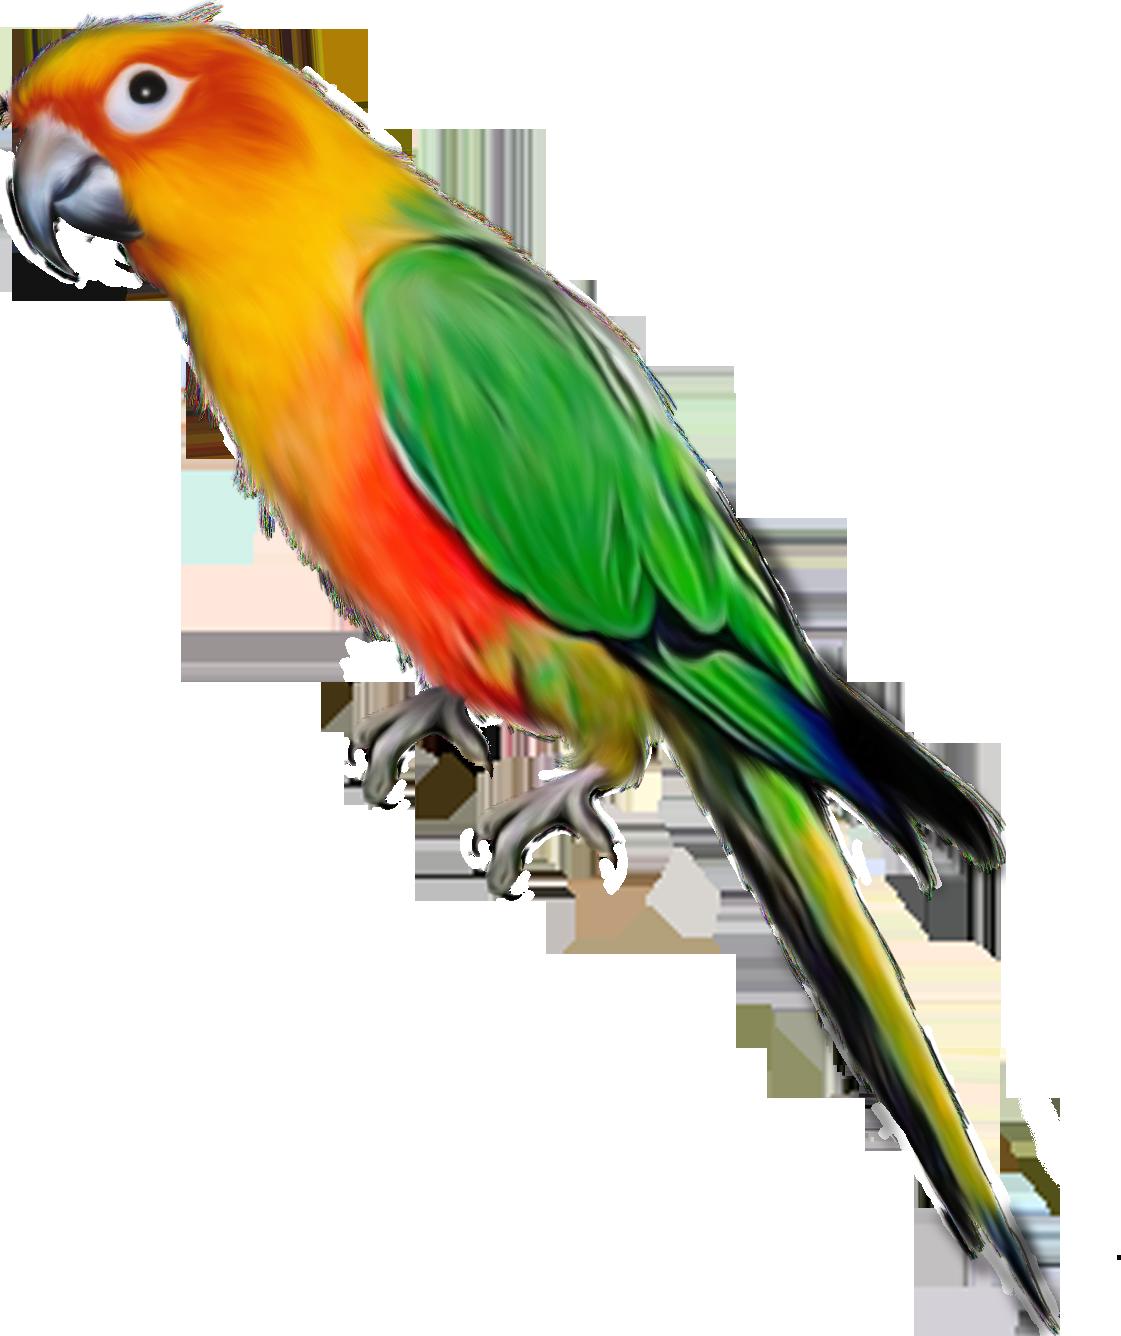 Detalhe Da Imagem De Render Oiseau Oiseaux Animaux Png Image Sans Fond Poste Par Parrot Image Bird Drawings Parrot